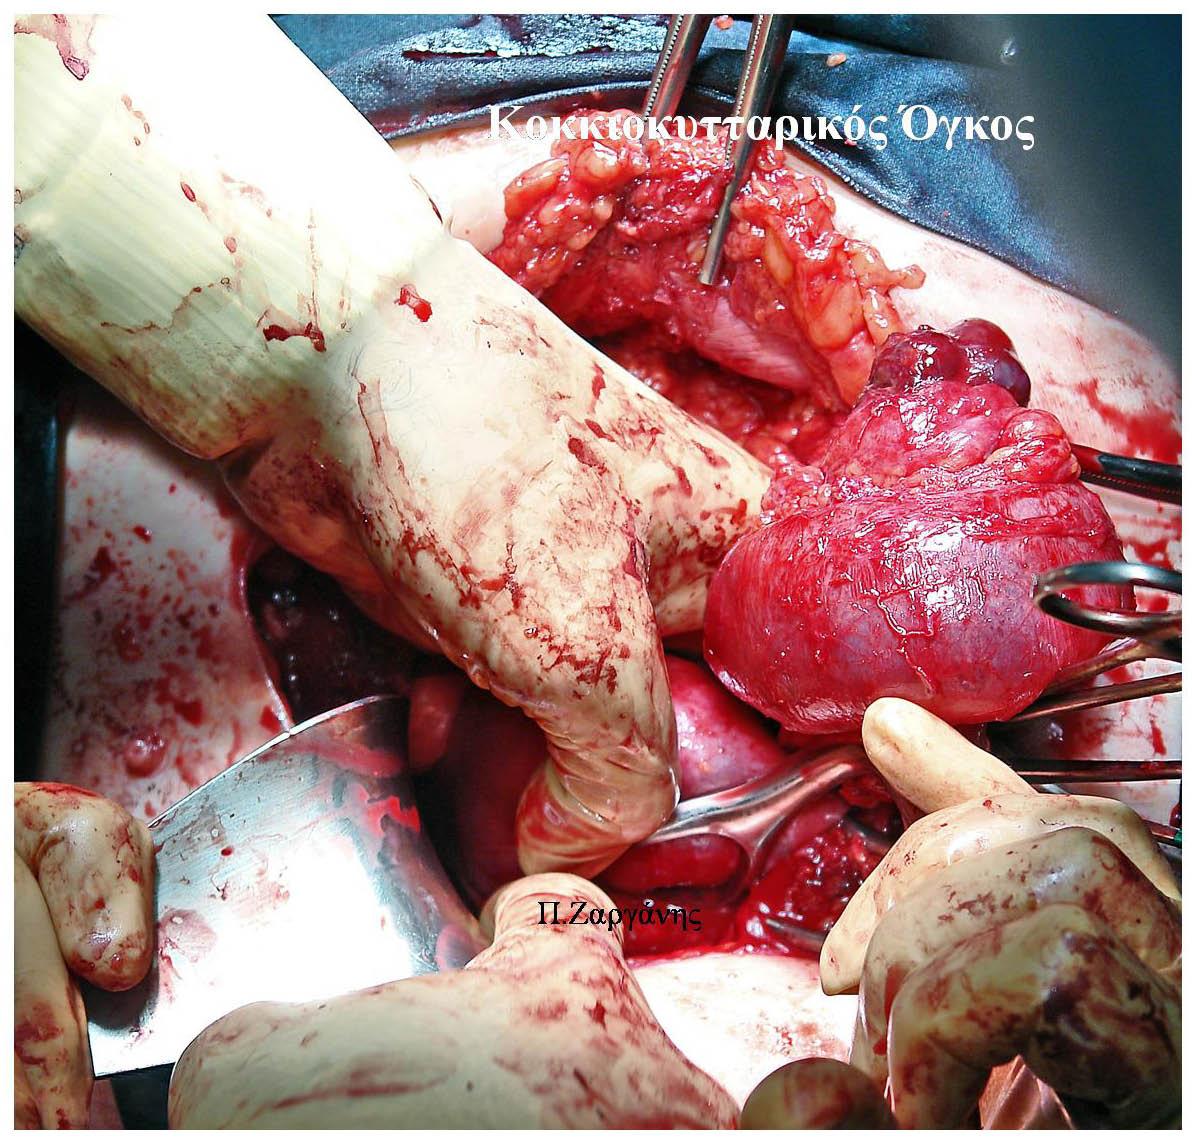 Κοκκιοκυτταρικος Όγκος